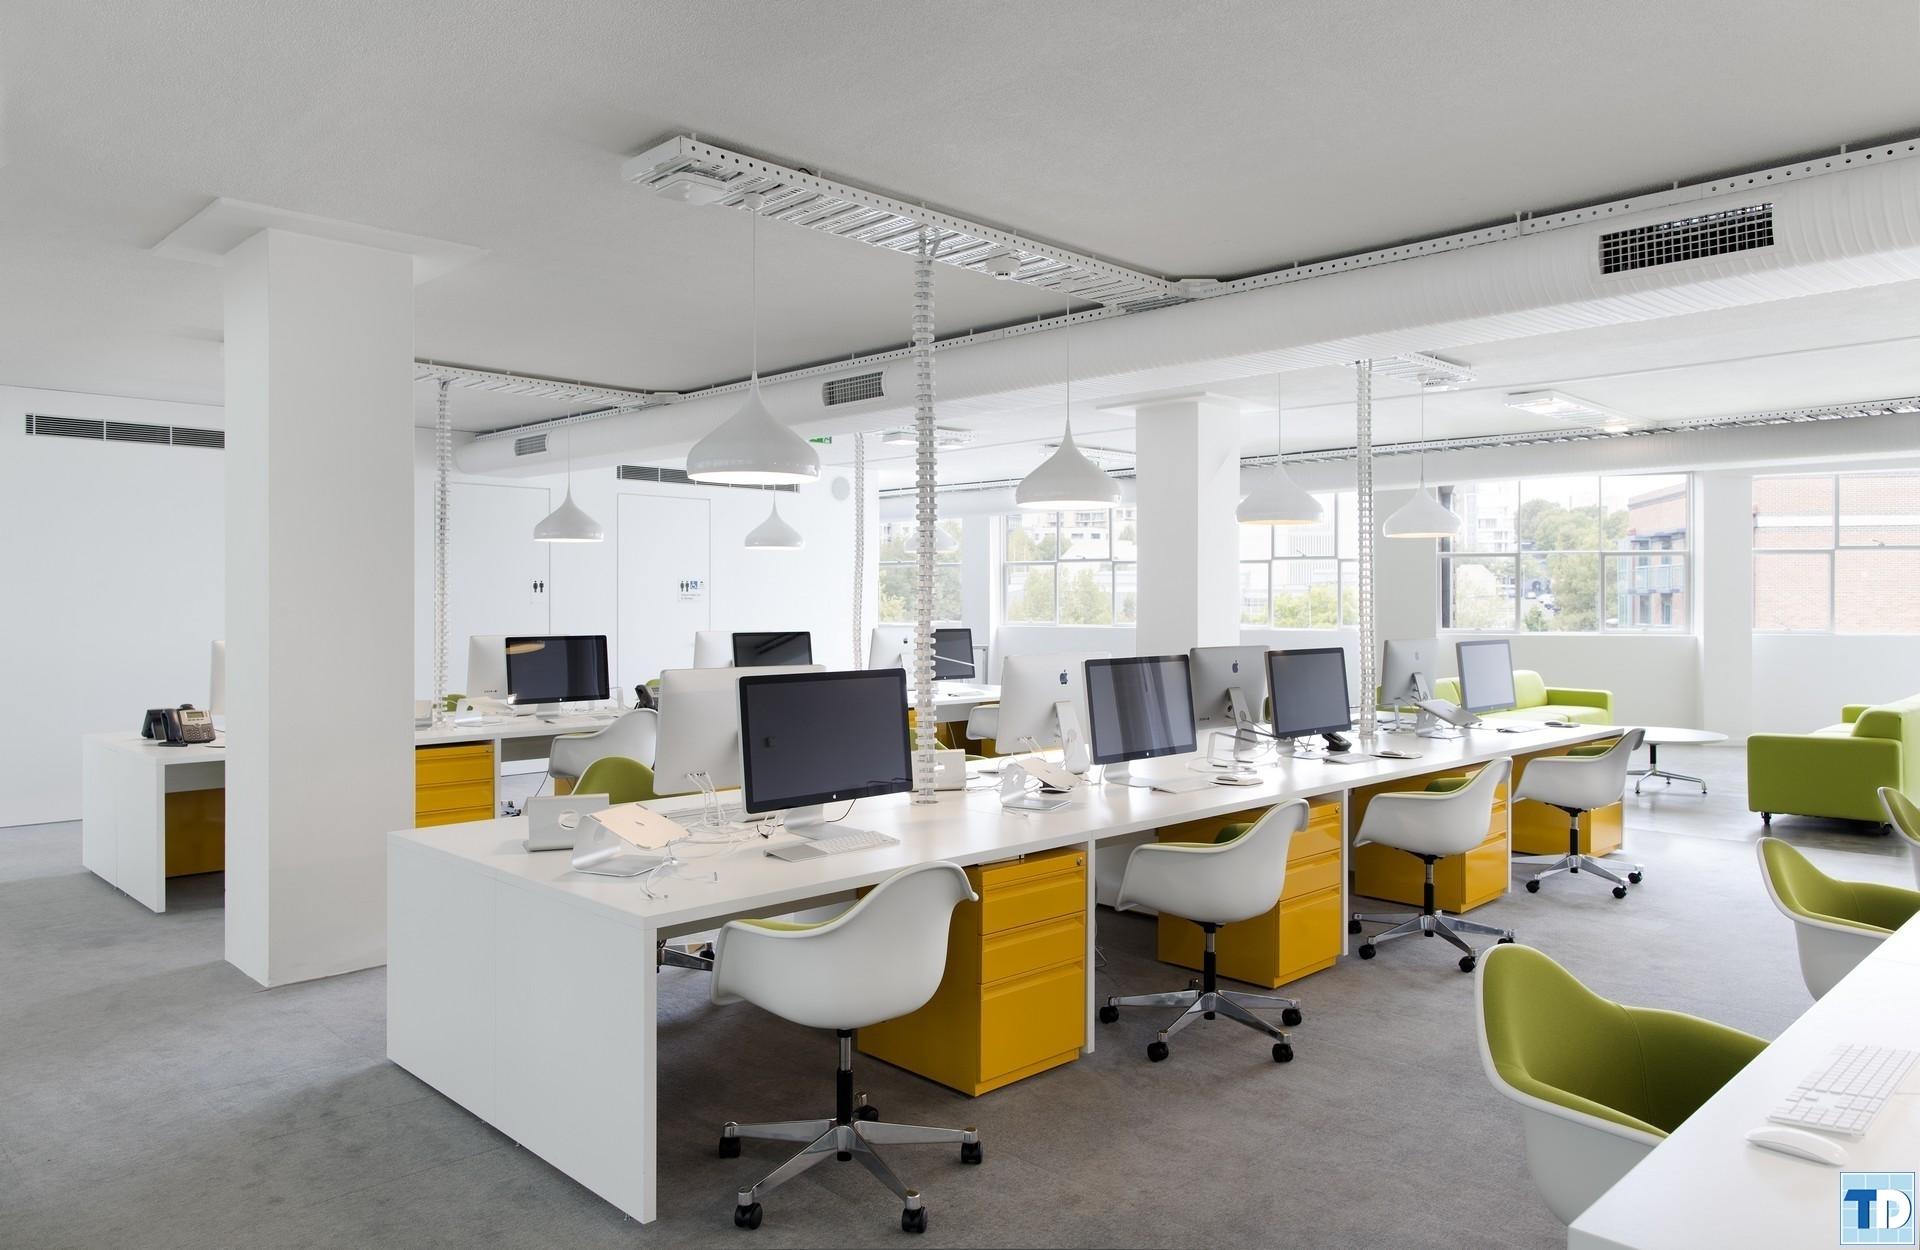 Thiết kế phòng làm việc ở nơi ánh sáng trong lành